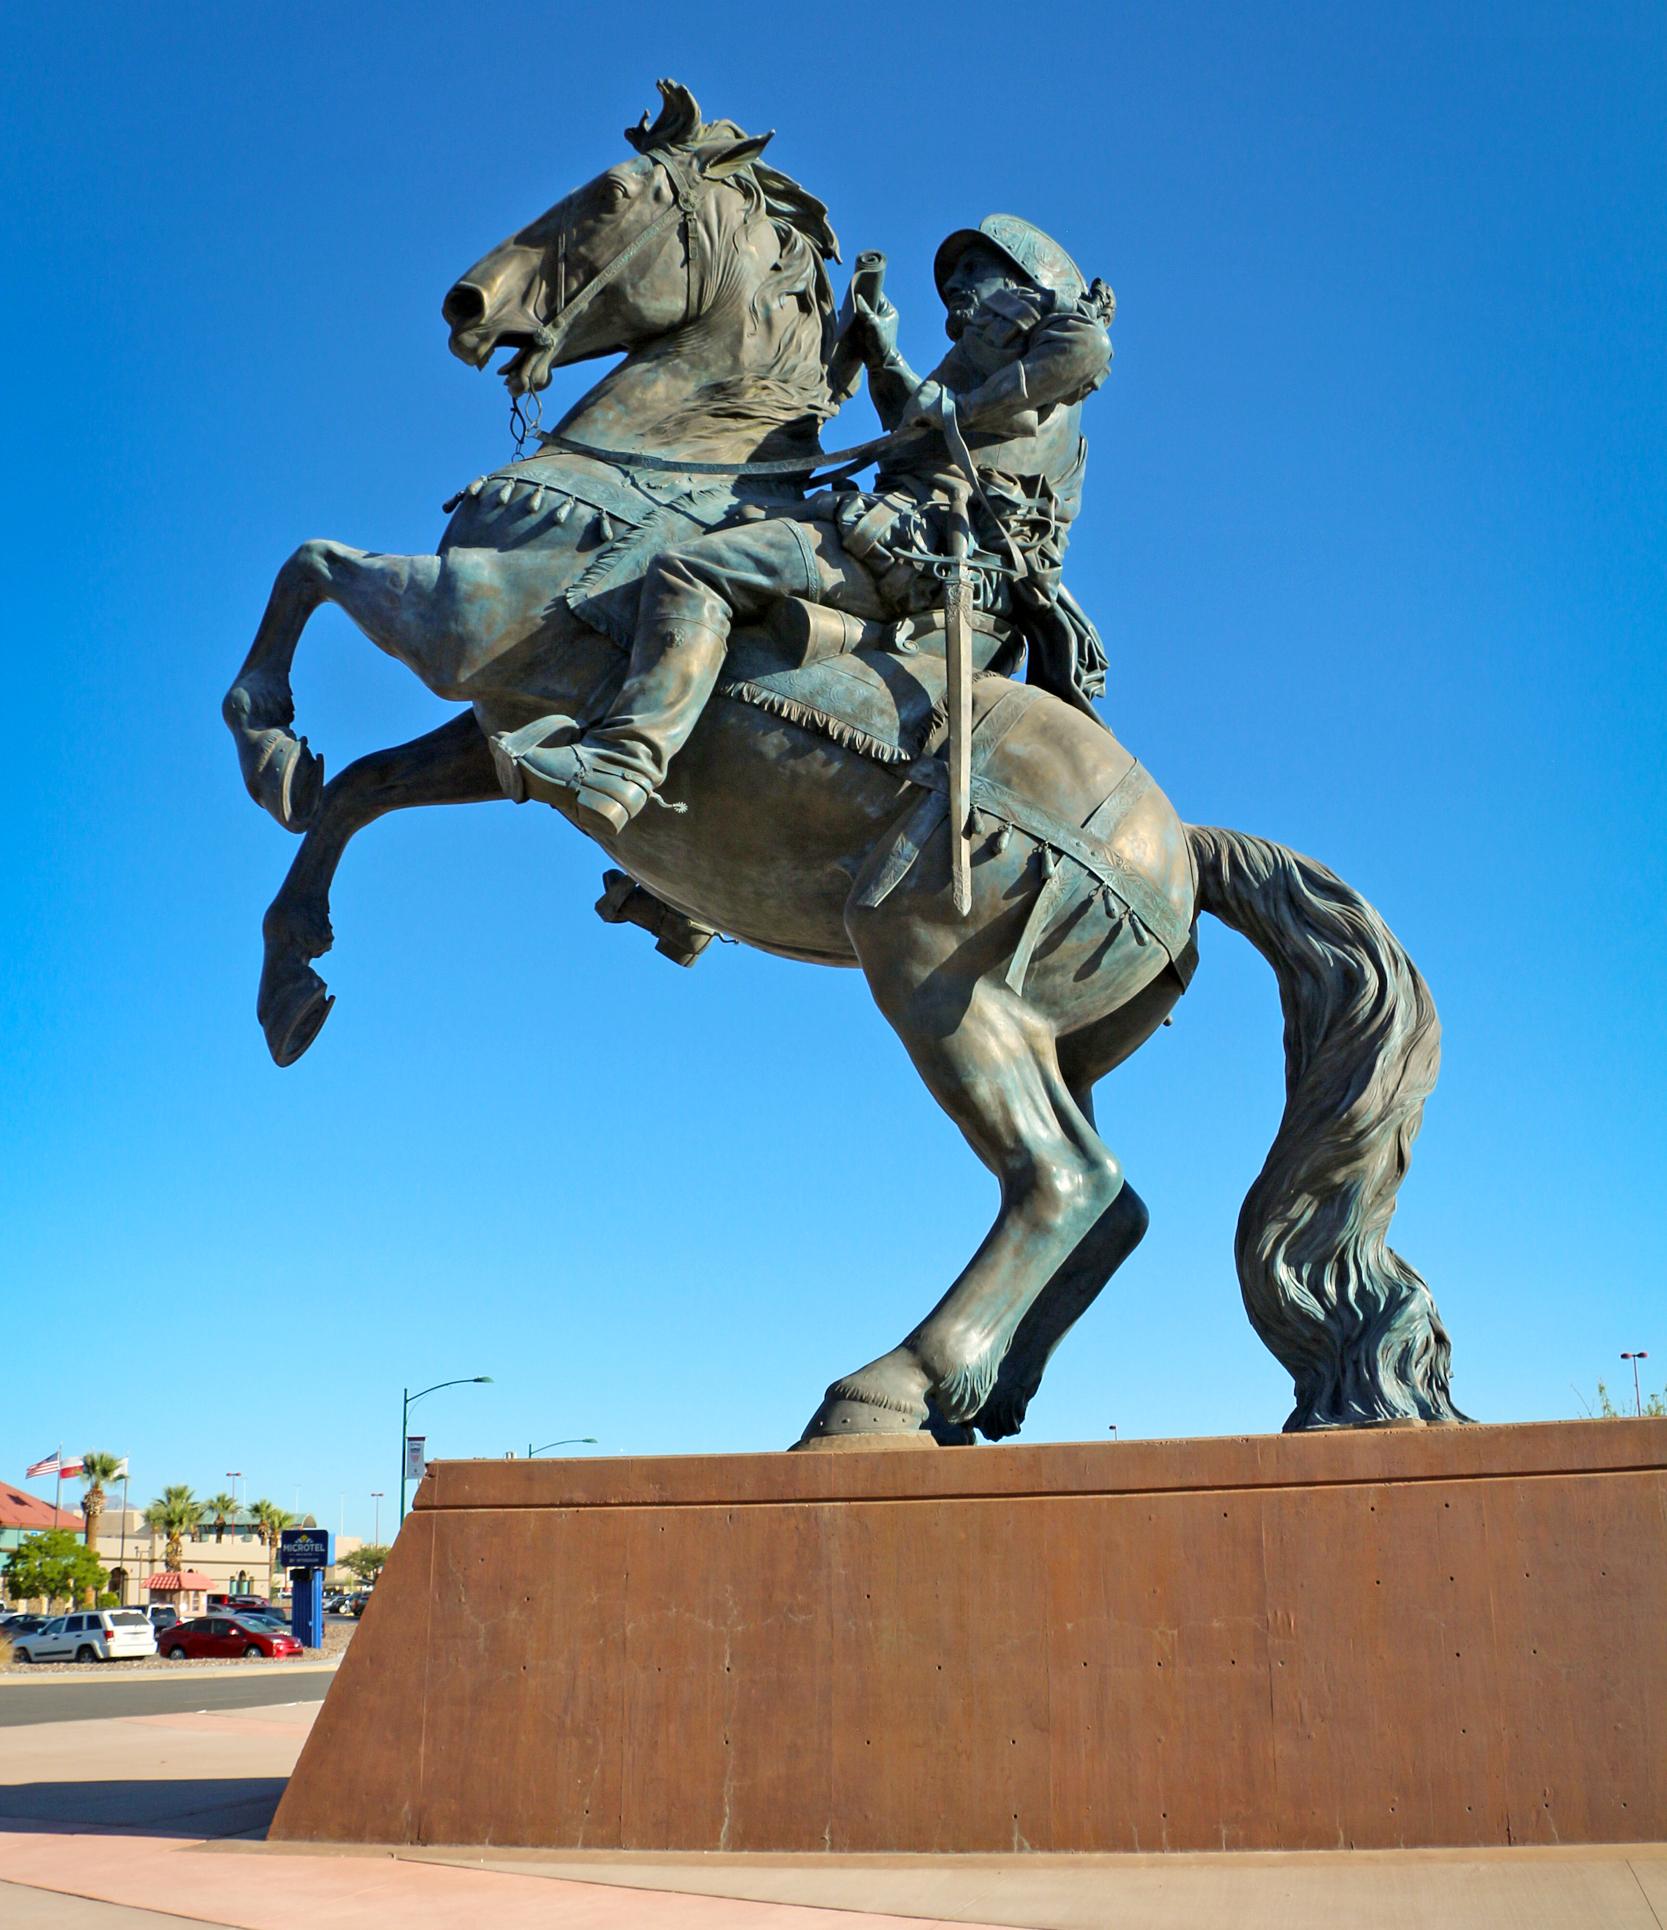 IMAGE: 'Equestrian' statue in El Paso (El Paso International Airport)